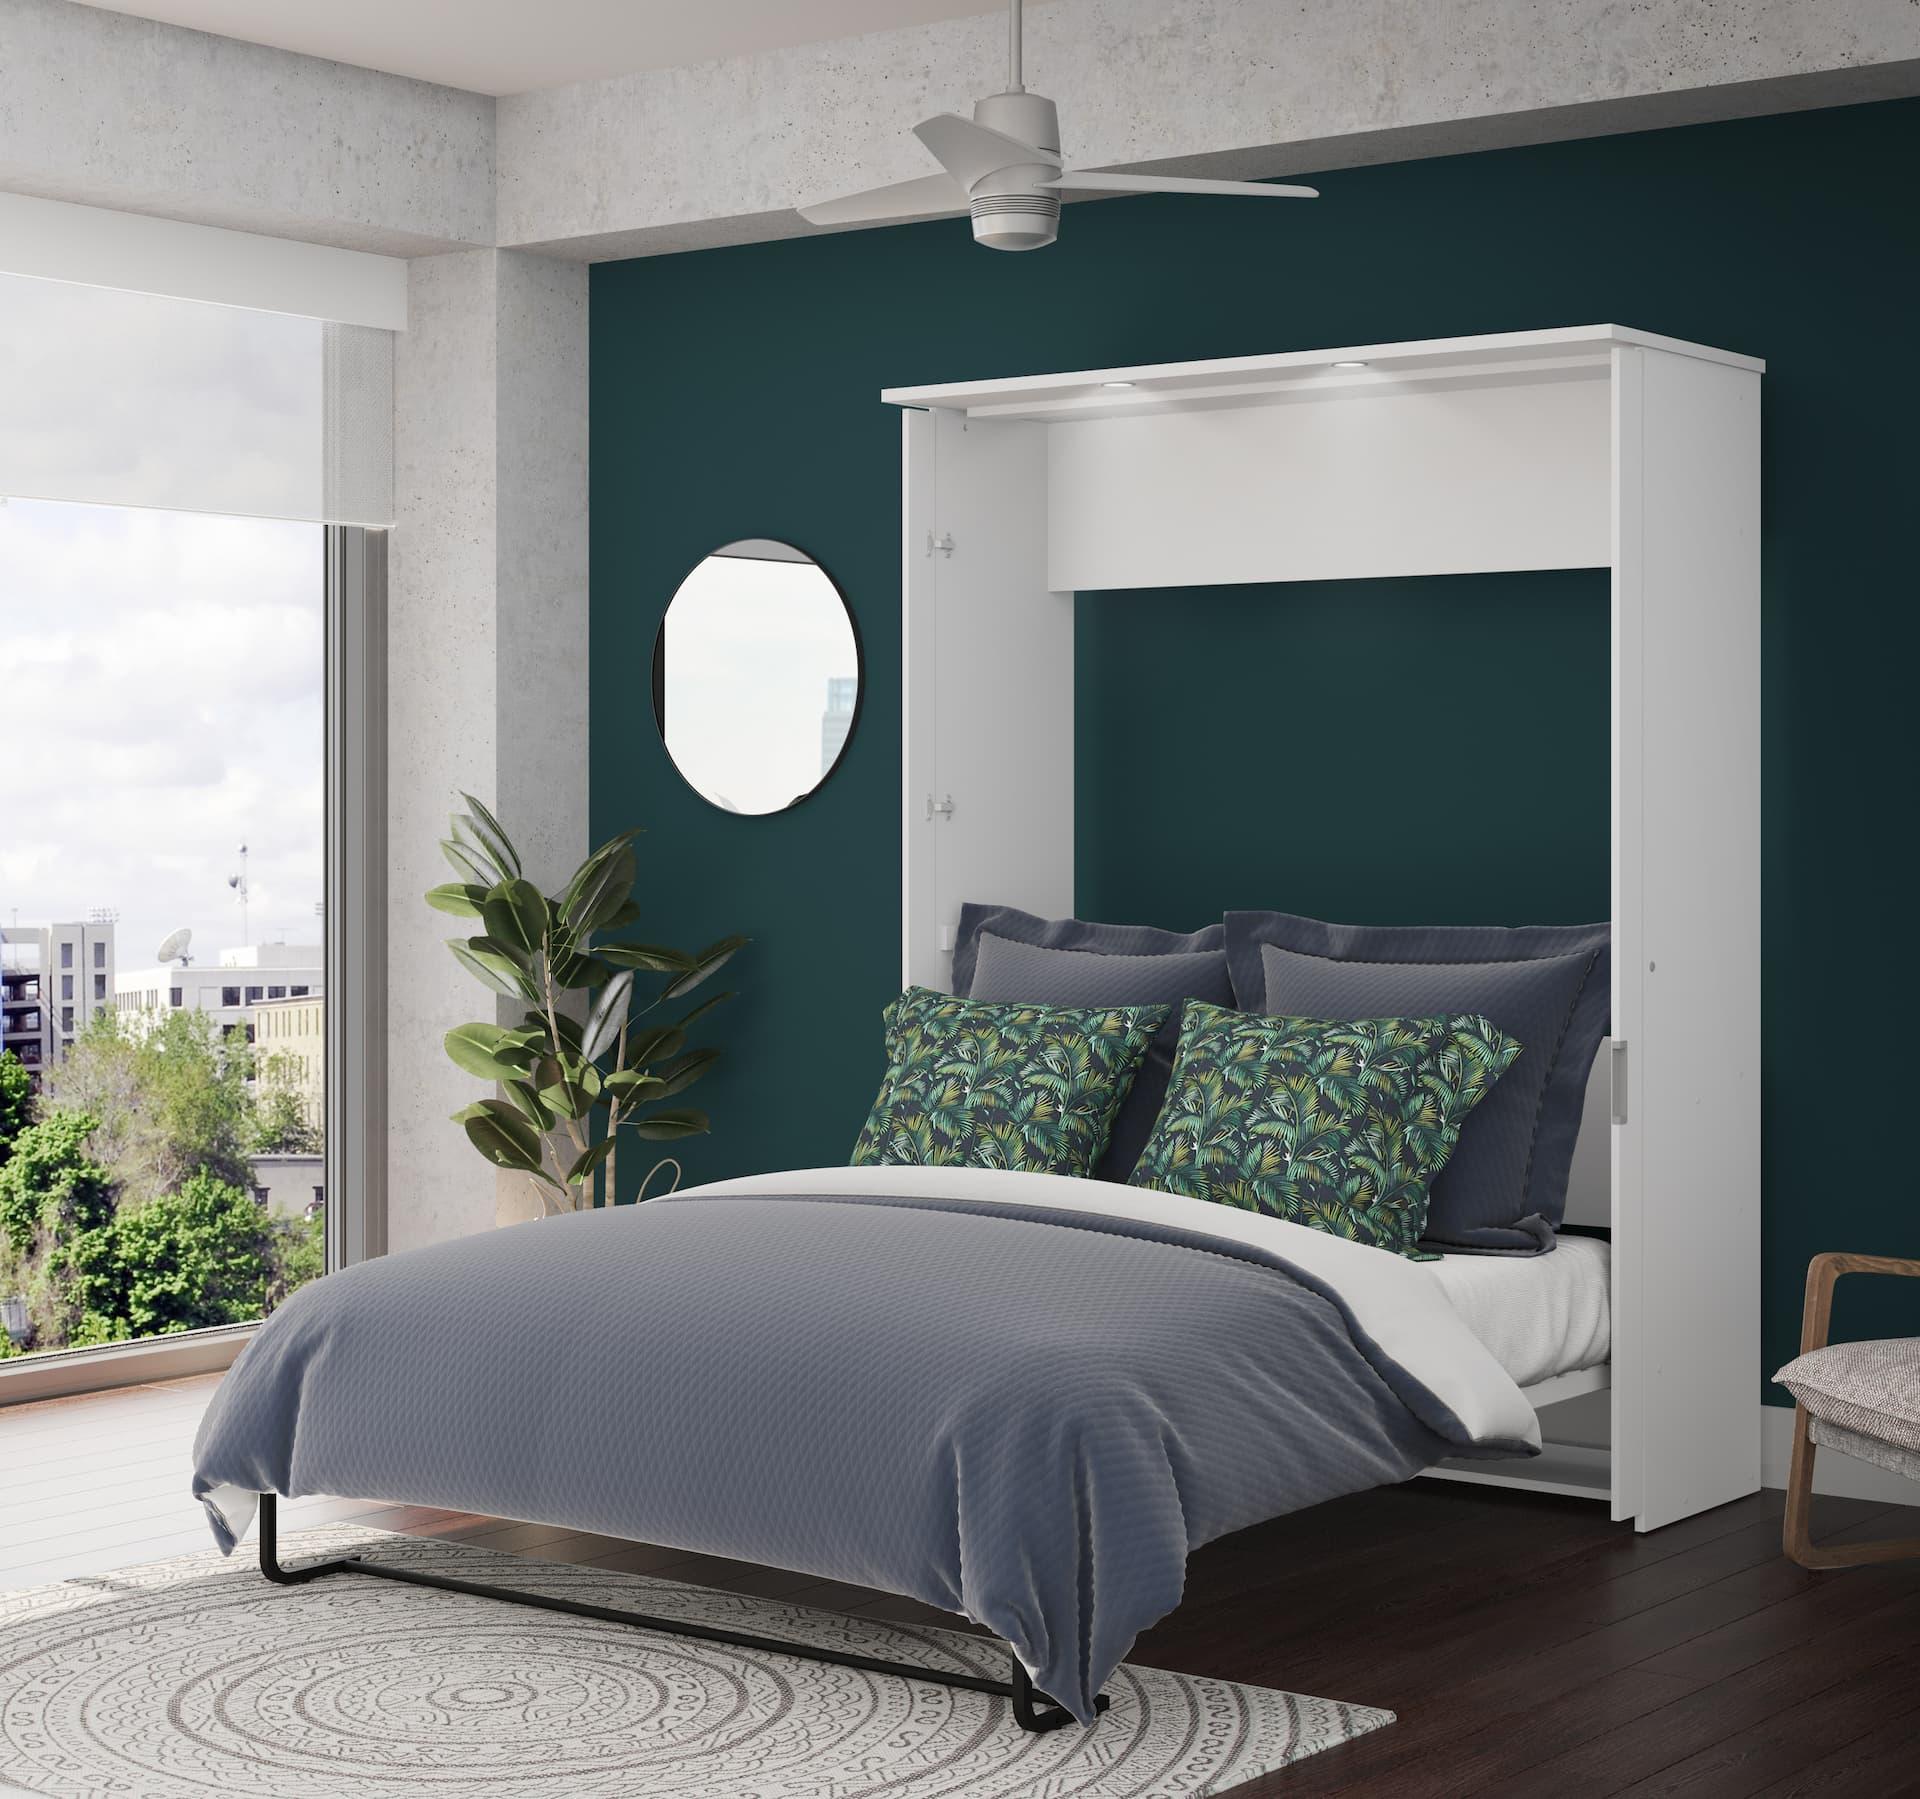 Magnifique chambre avec mur d'accent turquoise